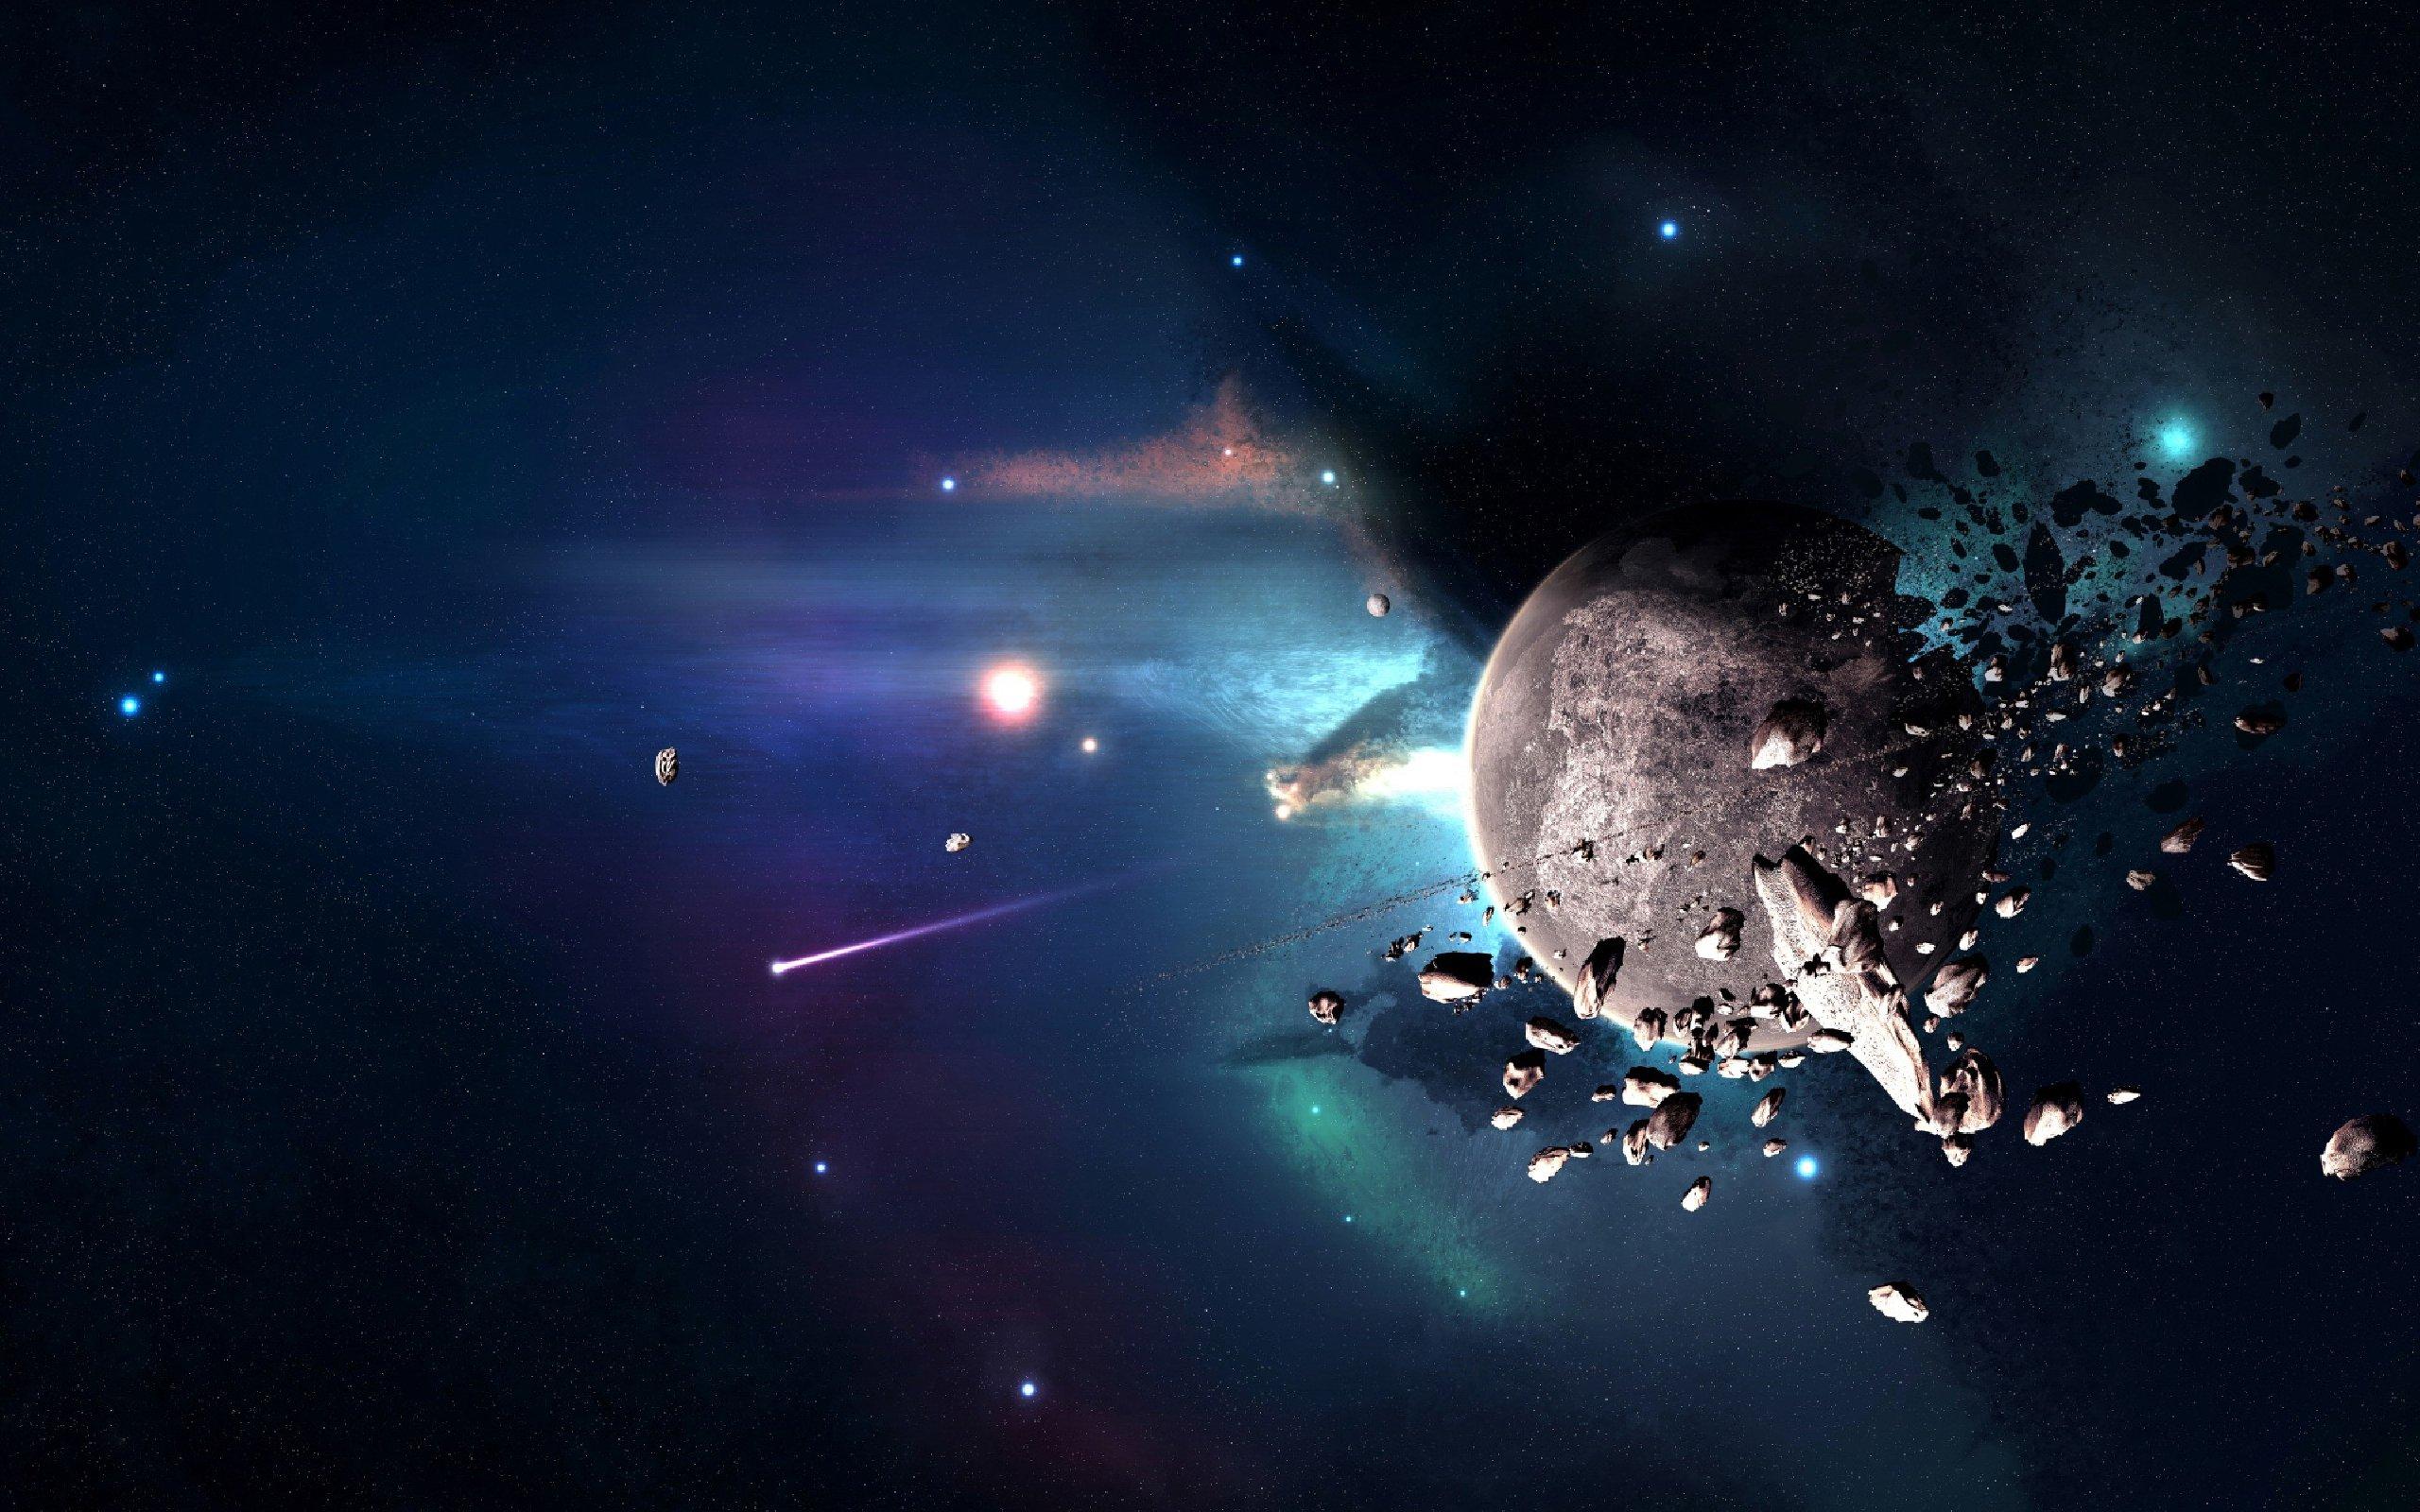 Обои Темная планета картинки на рабочий стол на тему Космос - скачать  № 1763091 бесплатно